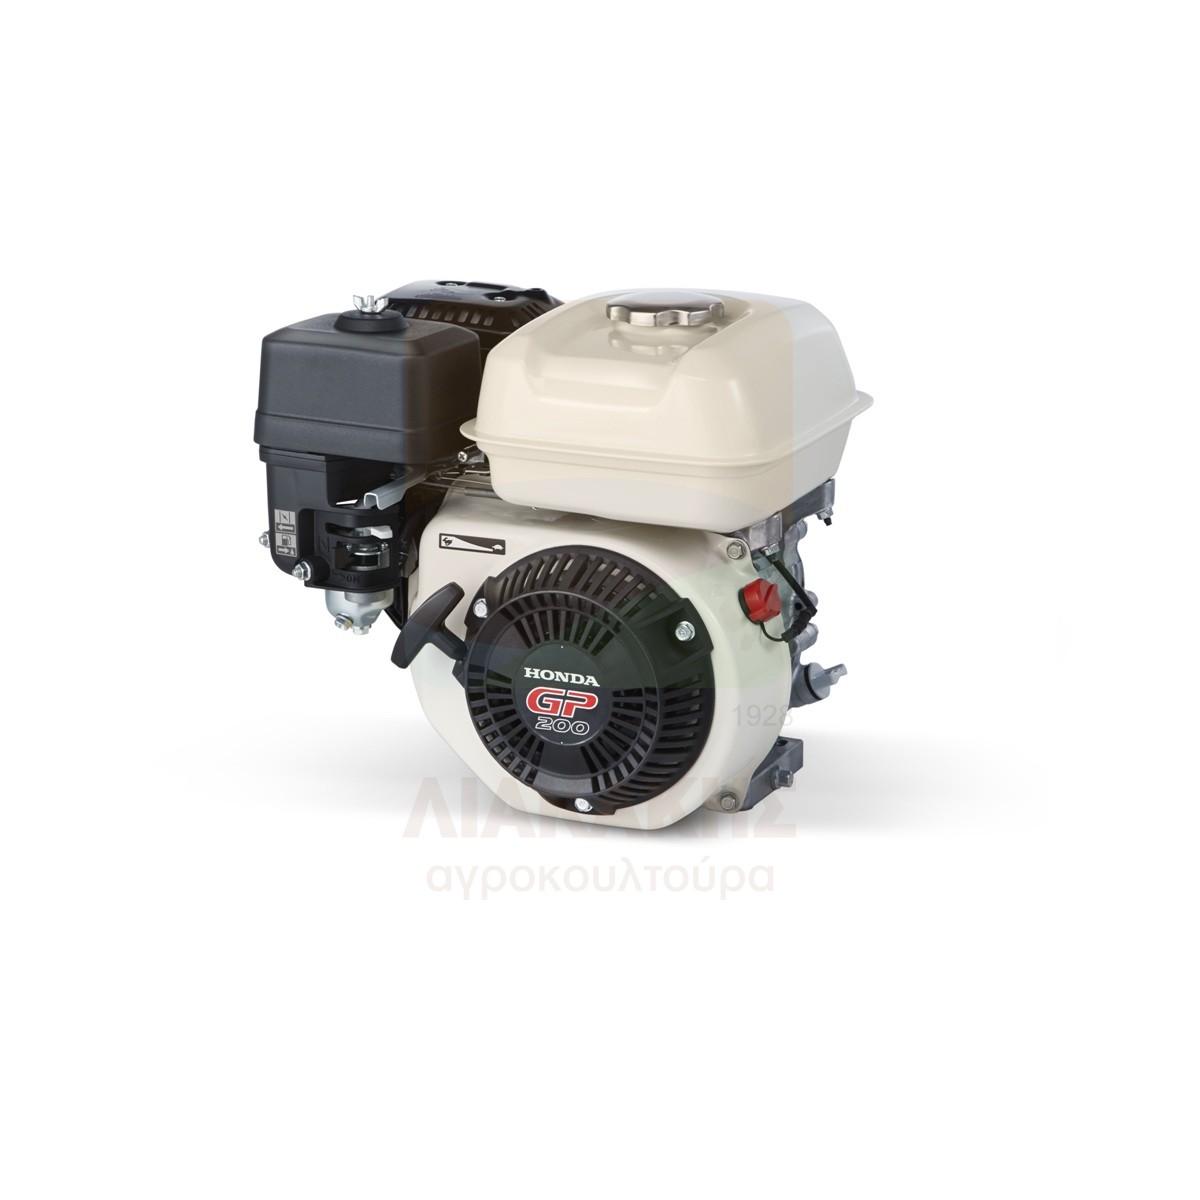 Κινητήρας βενζίνης HONDA GP 200 5.8hp